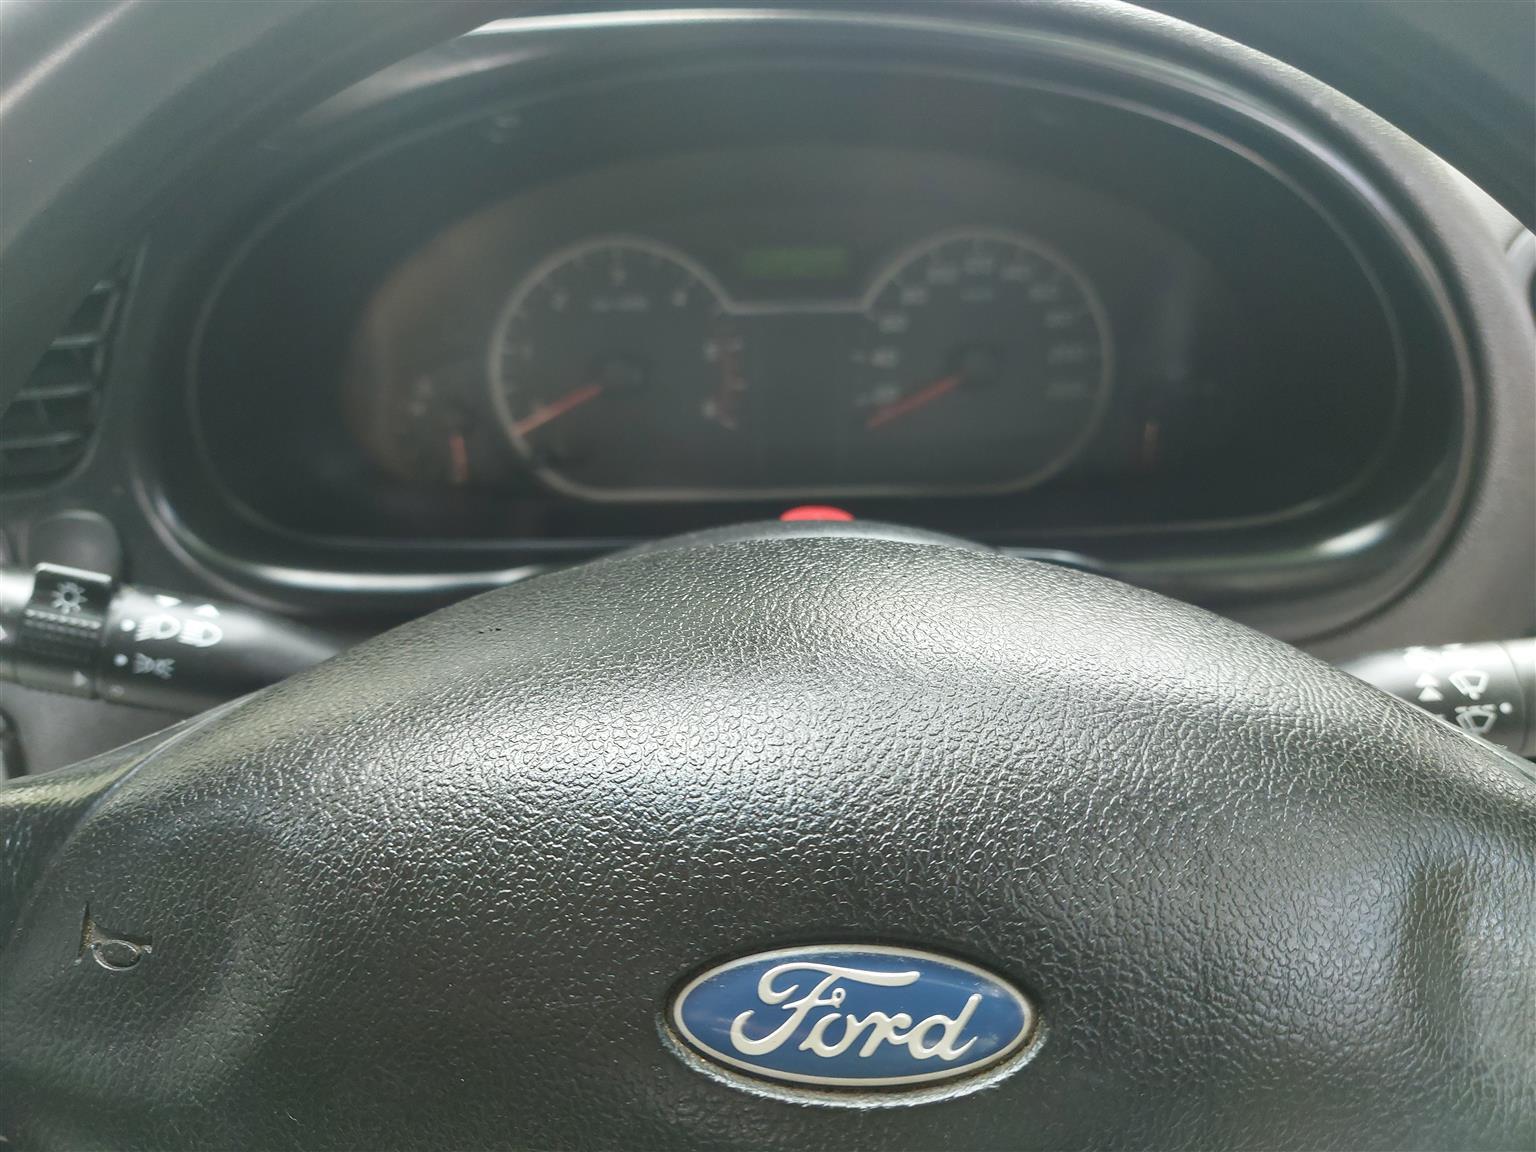 2011 Ford Bantam TDCI 1400  diesel